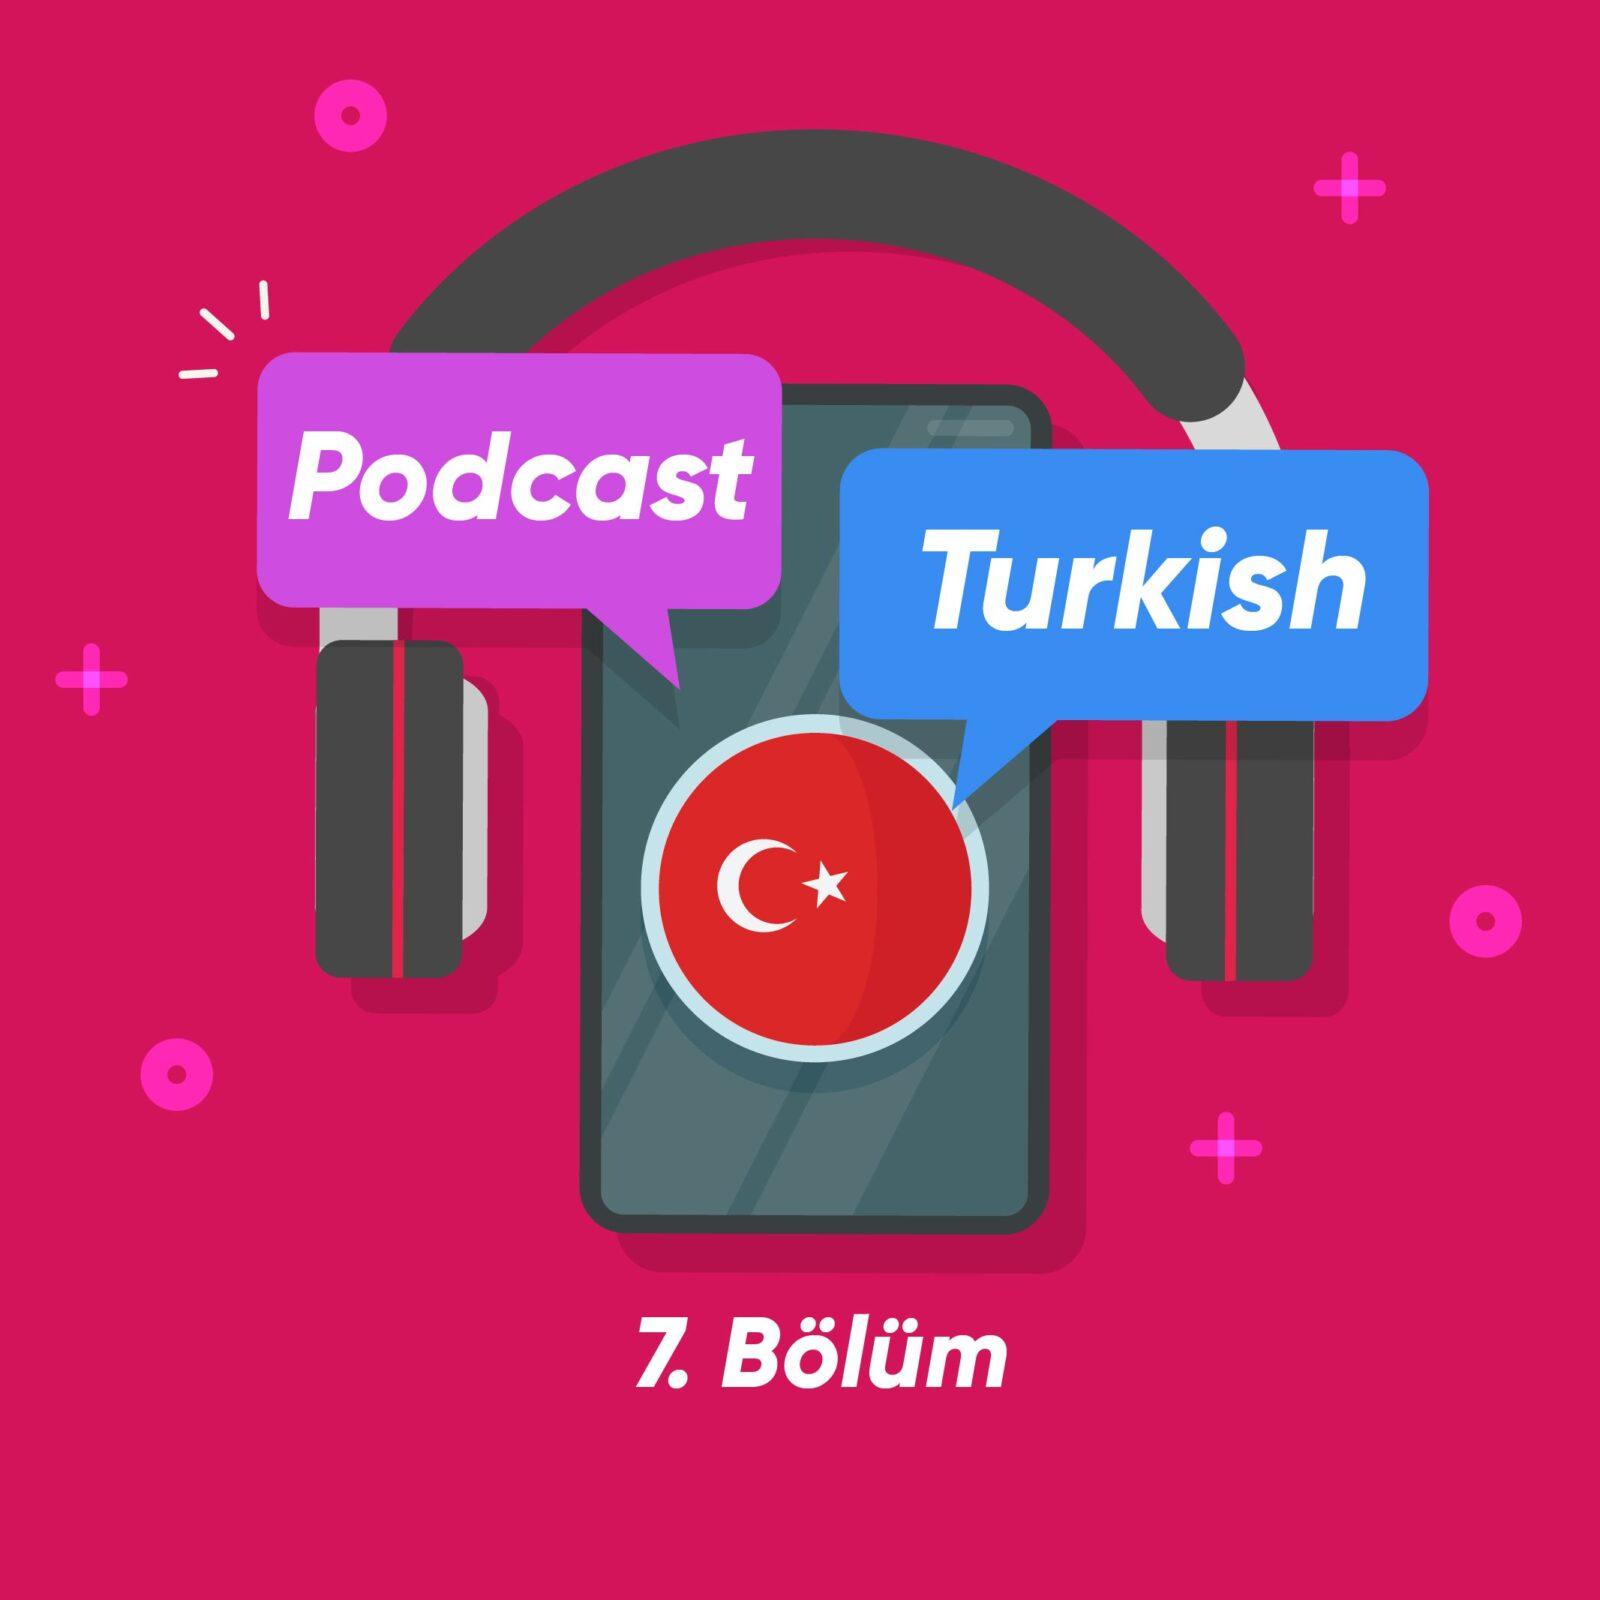 پادکست ترکی استانبولی شماره 7